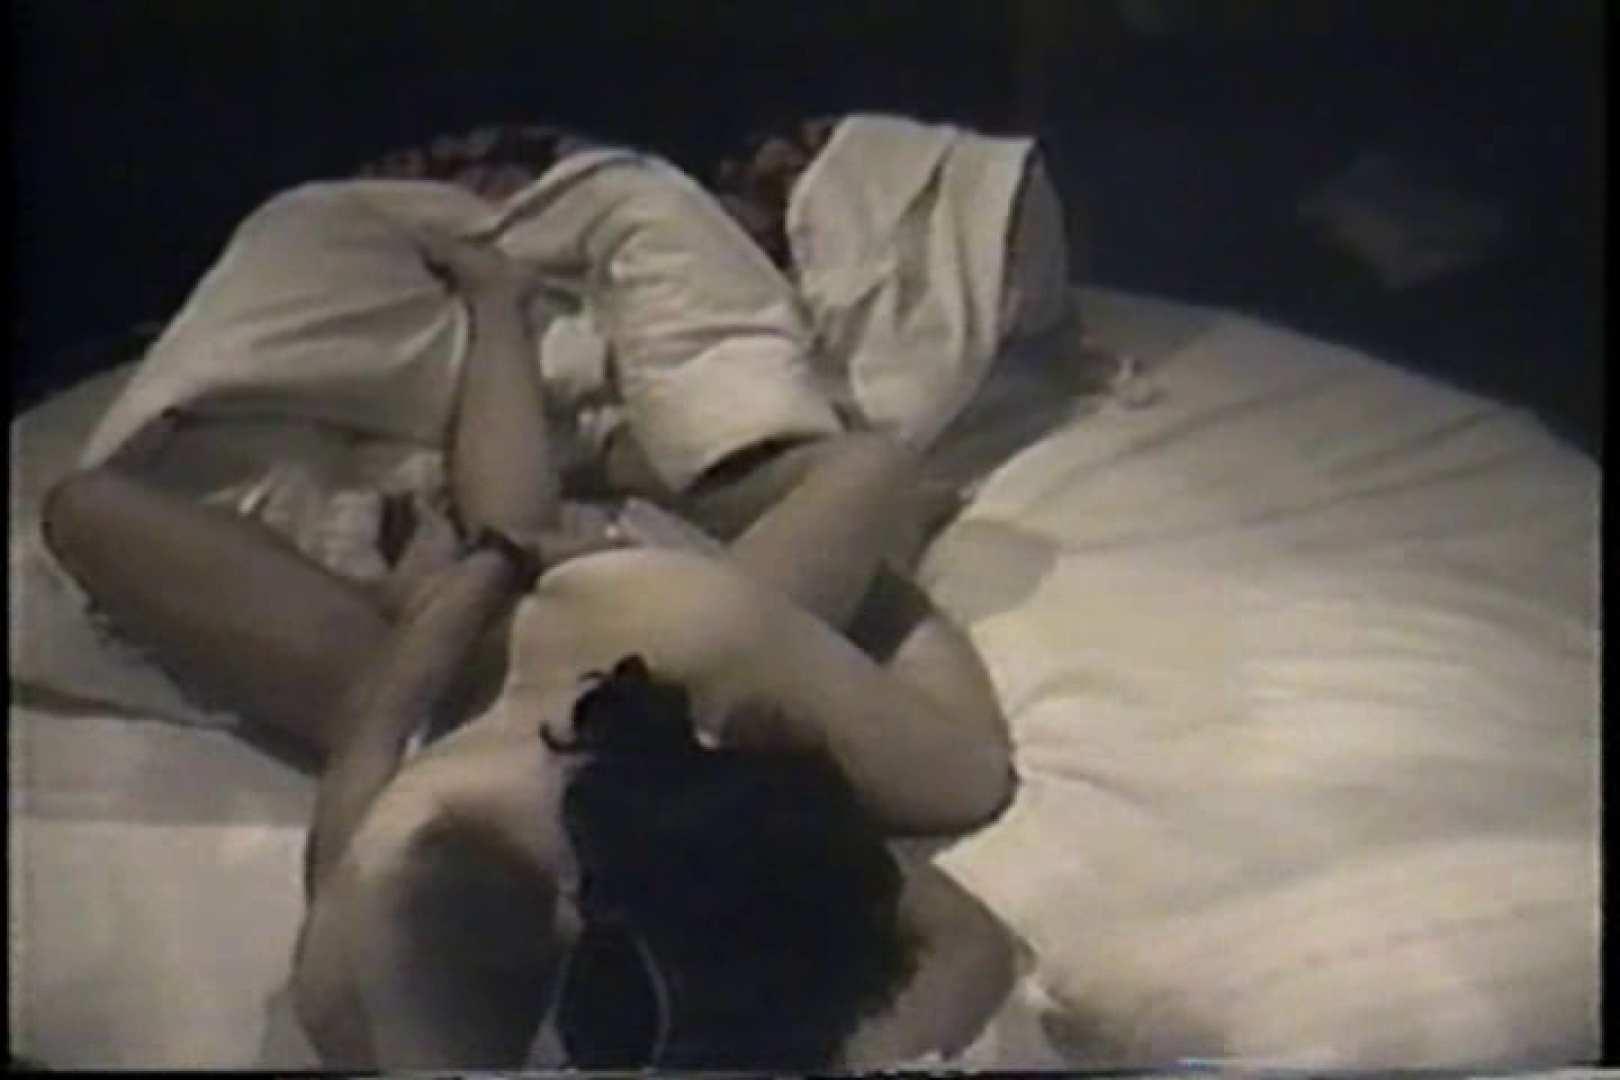 実録!ラブホテル~消し忘れ注意!昭和の色編~ vol.21 ホテル セックス画像 9枚 4